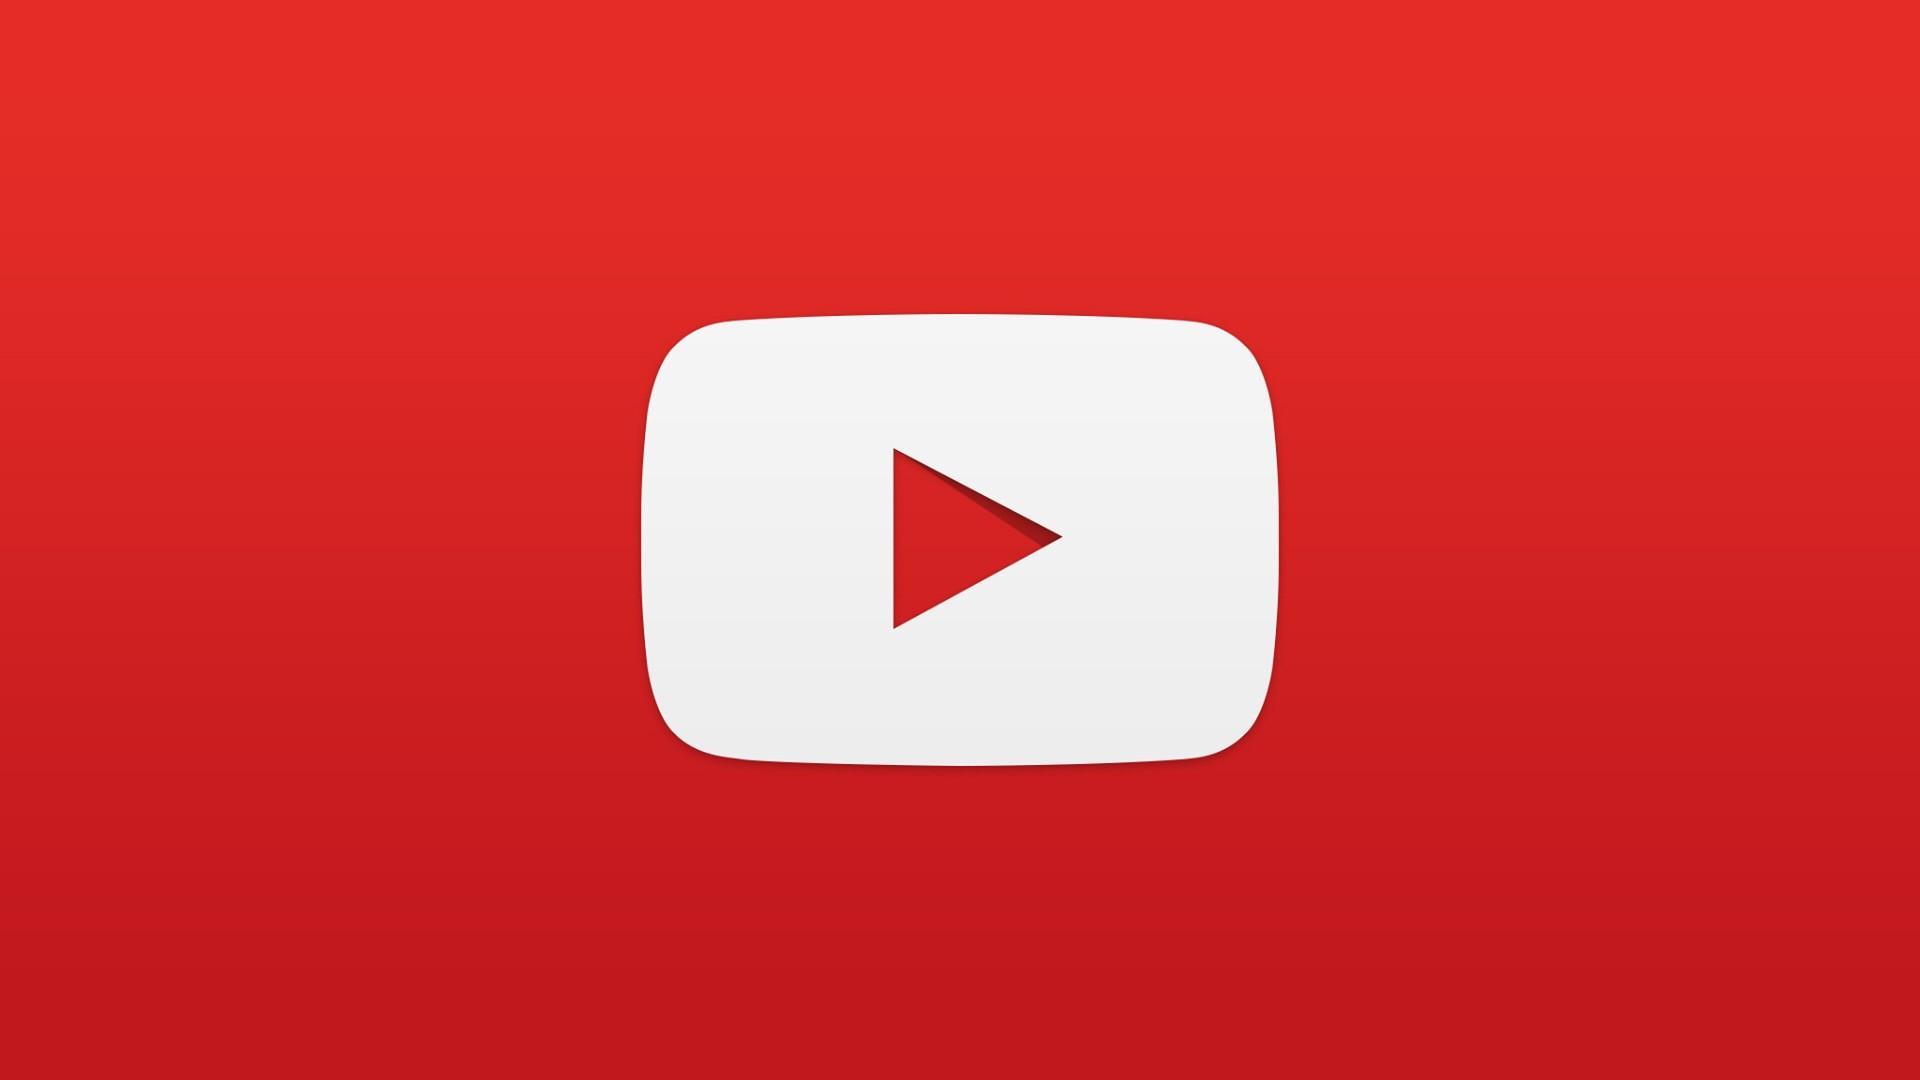 image 2 - Tải video trên YouTube từ trình duyệt điện thoại